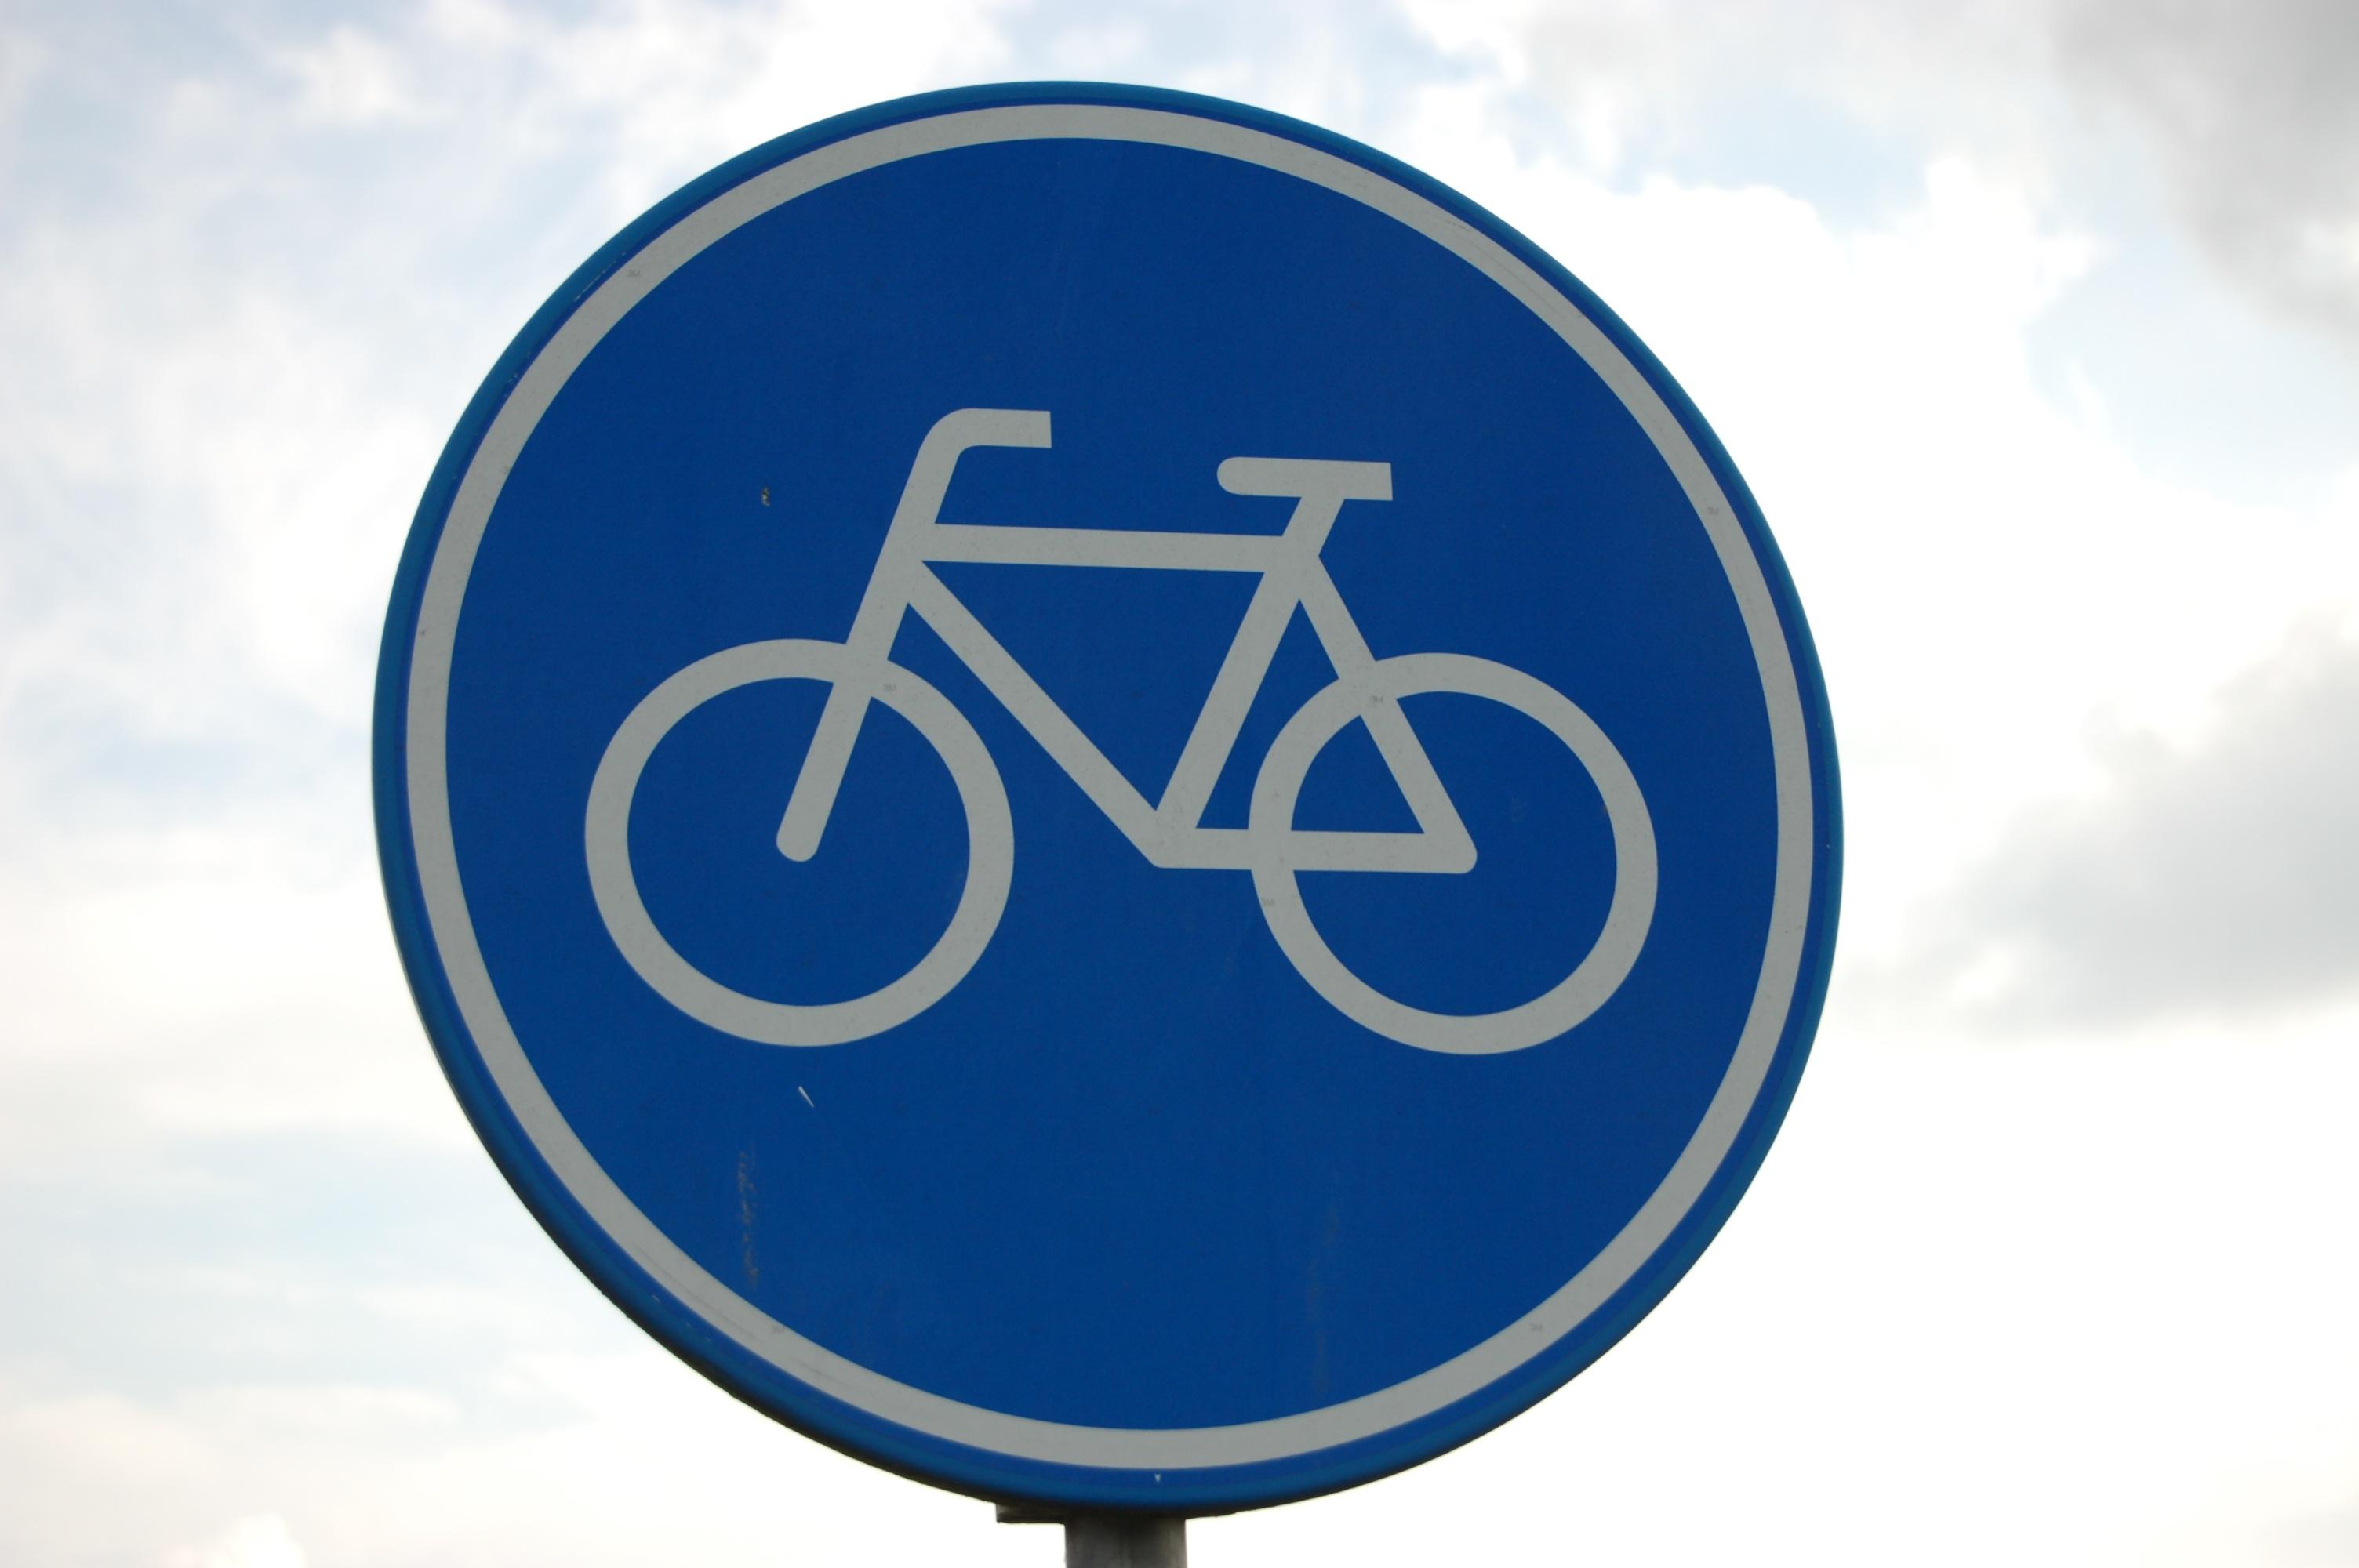 Введение велосипедных дорожек и велосипедных полос с8апреля 2014года